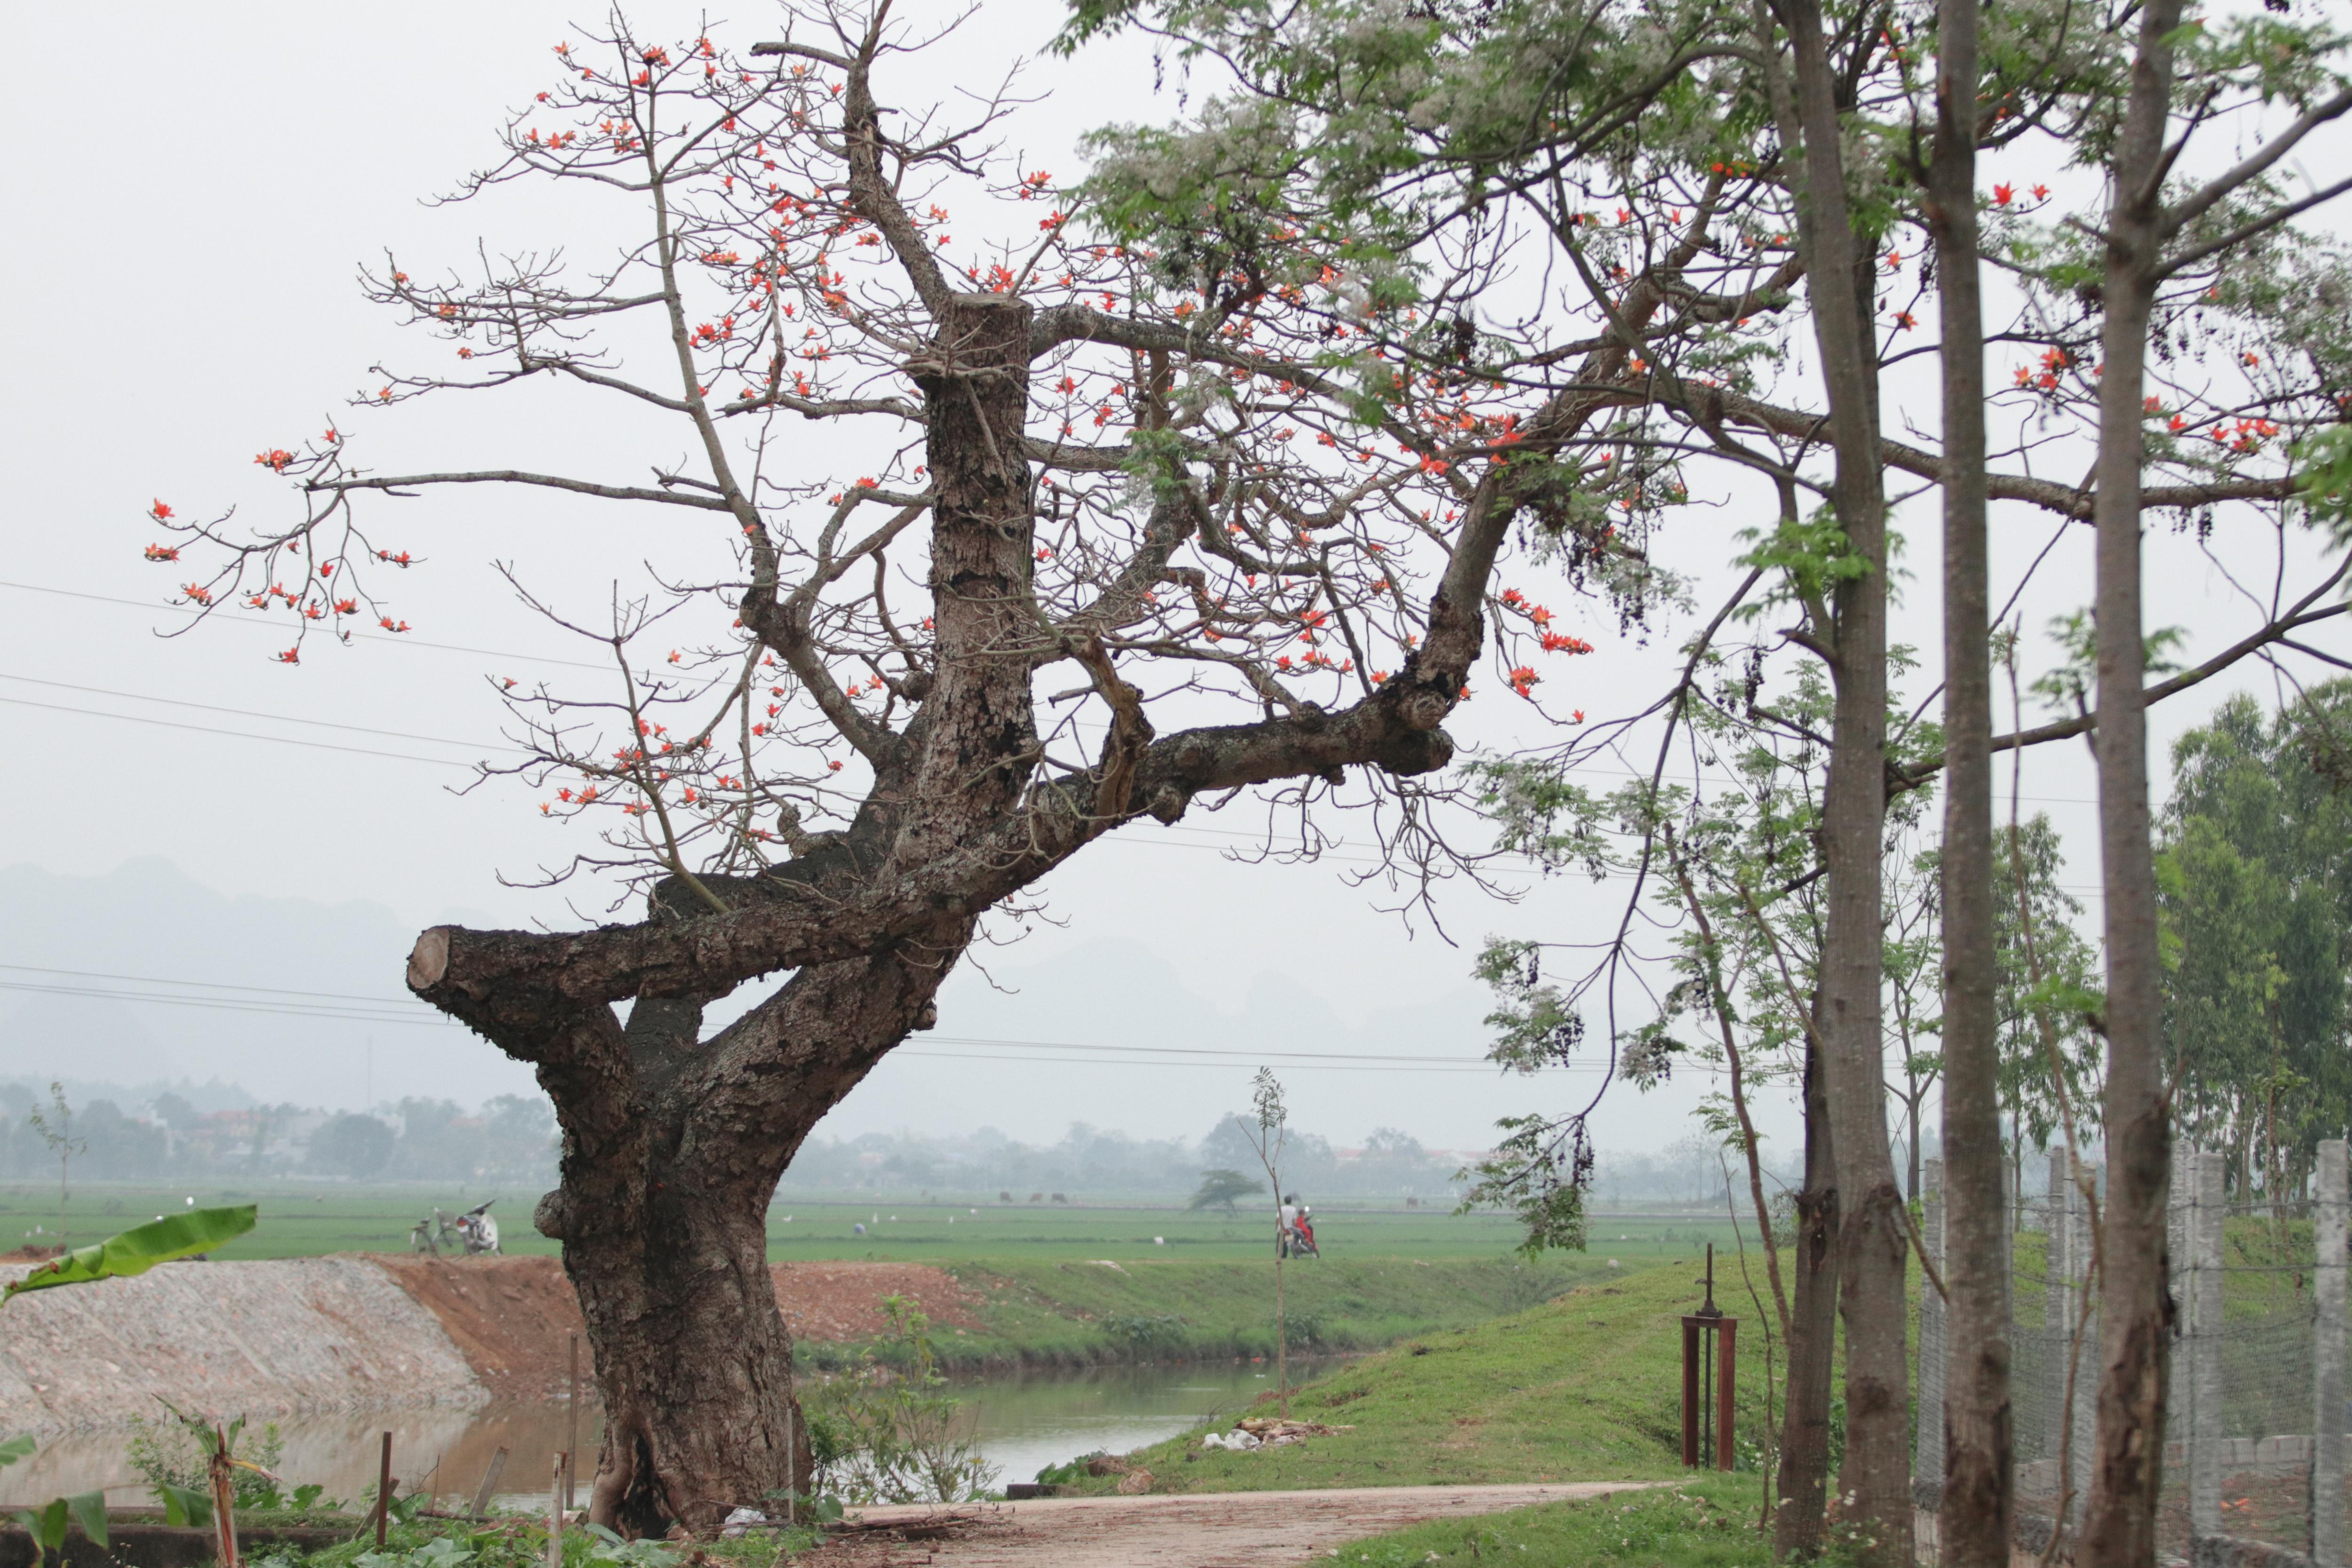 Hoa gạo nhuộm đỏ những góc trời ở ngoại thành Hà Nội - 19